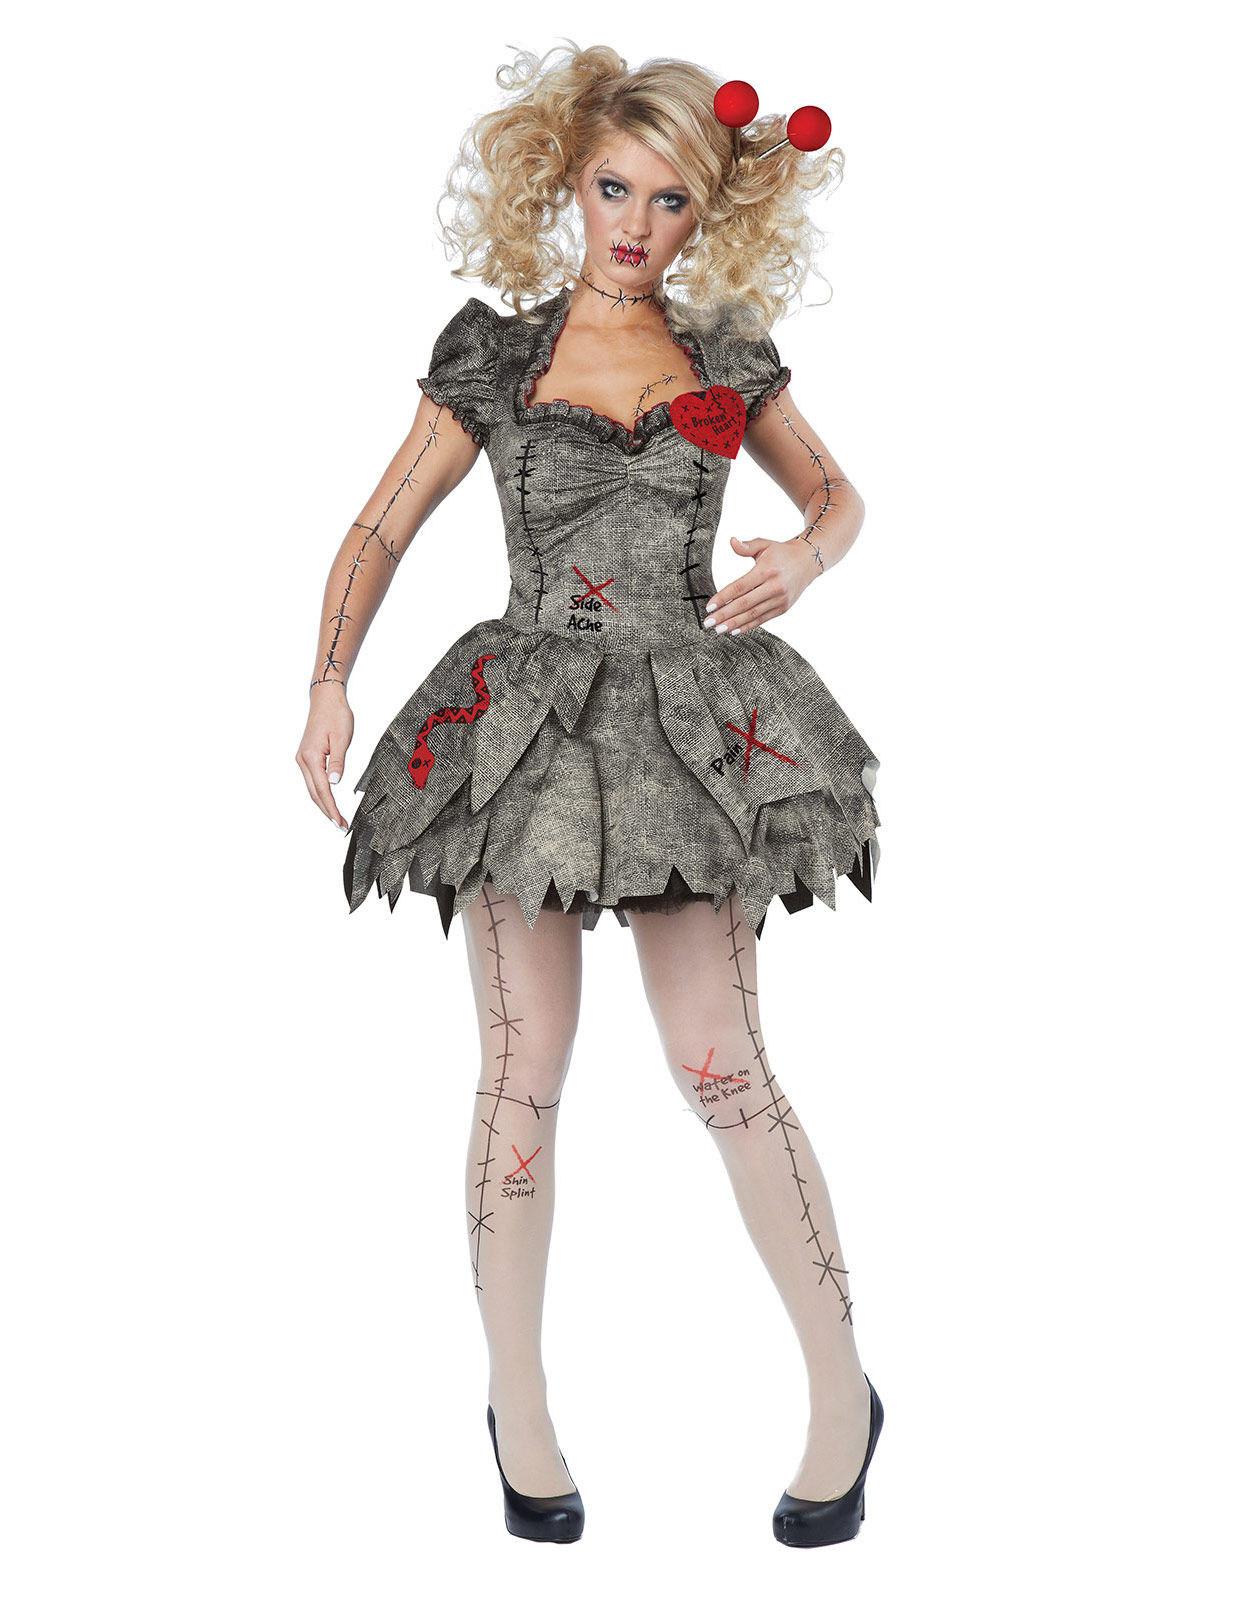 neueste art beste Qualität für Professionel Kostüm Voodoo-Puppe Damen Halloween